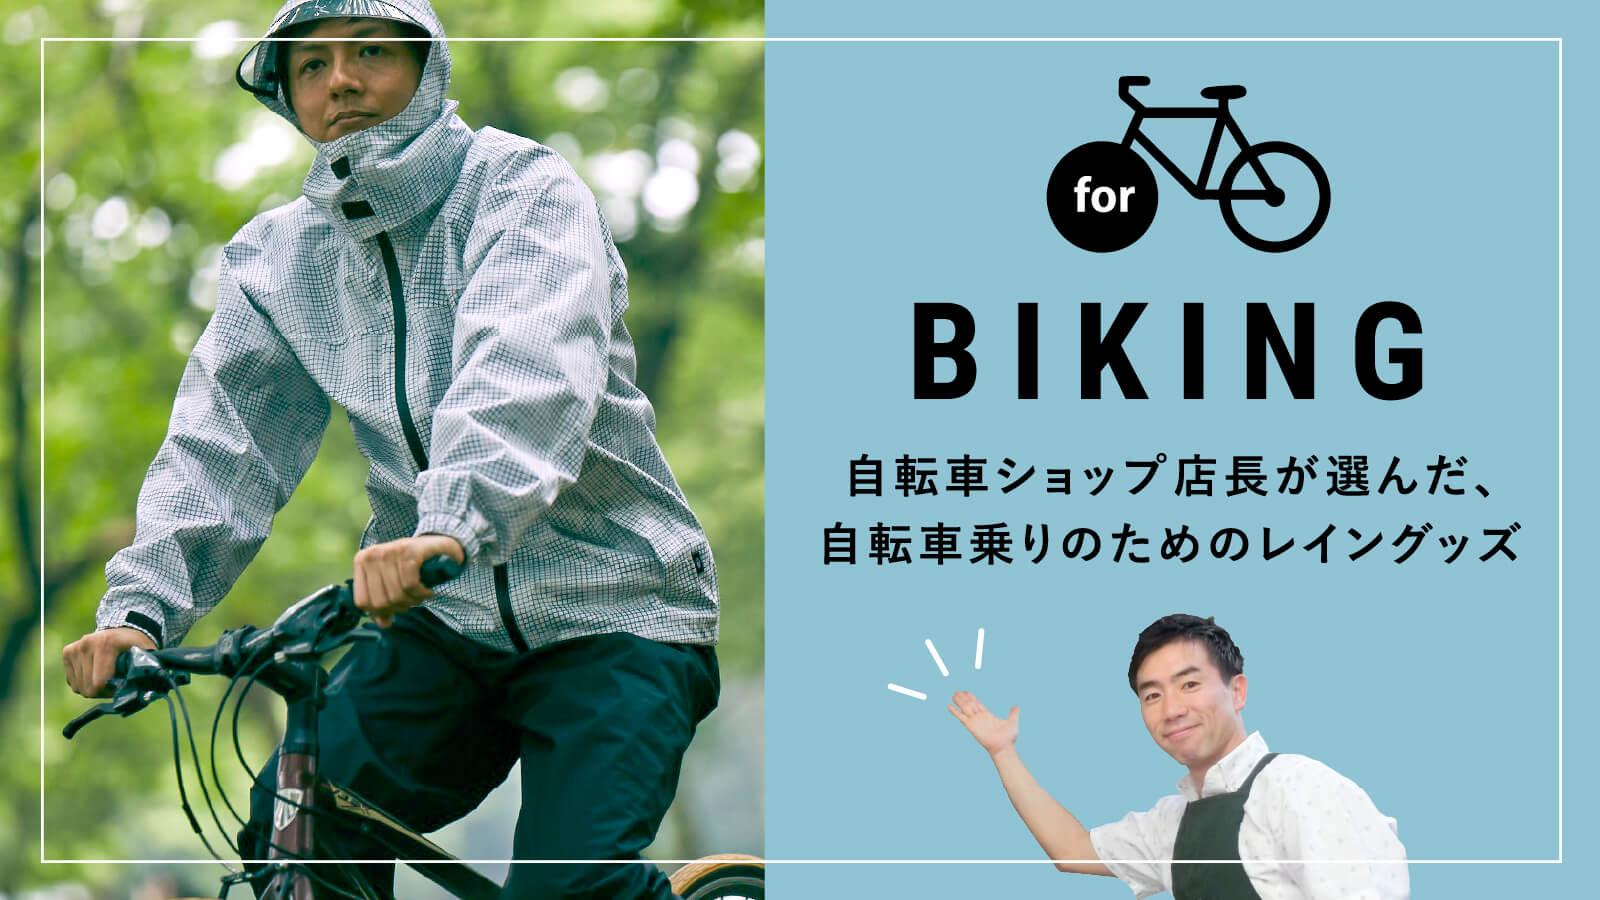 自転車ショップ店長が選んだ、自転車乗りのためのレイングッズ